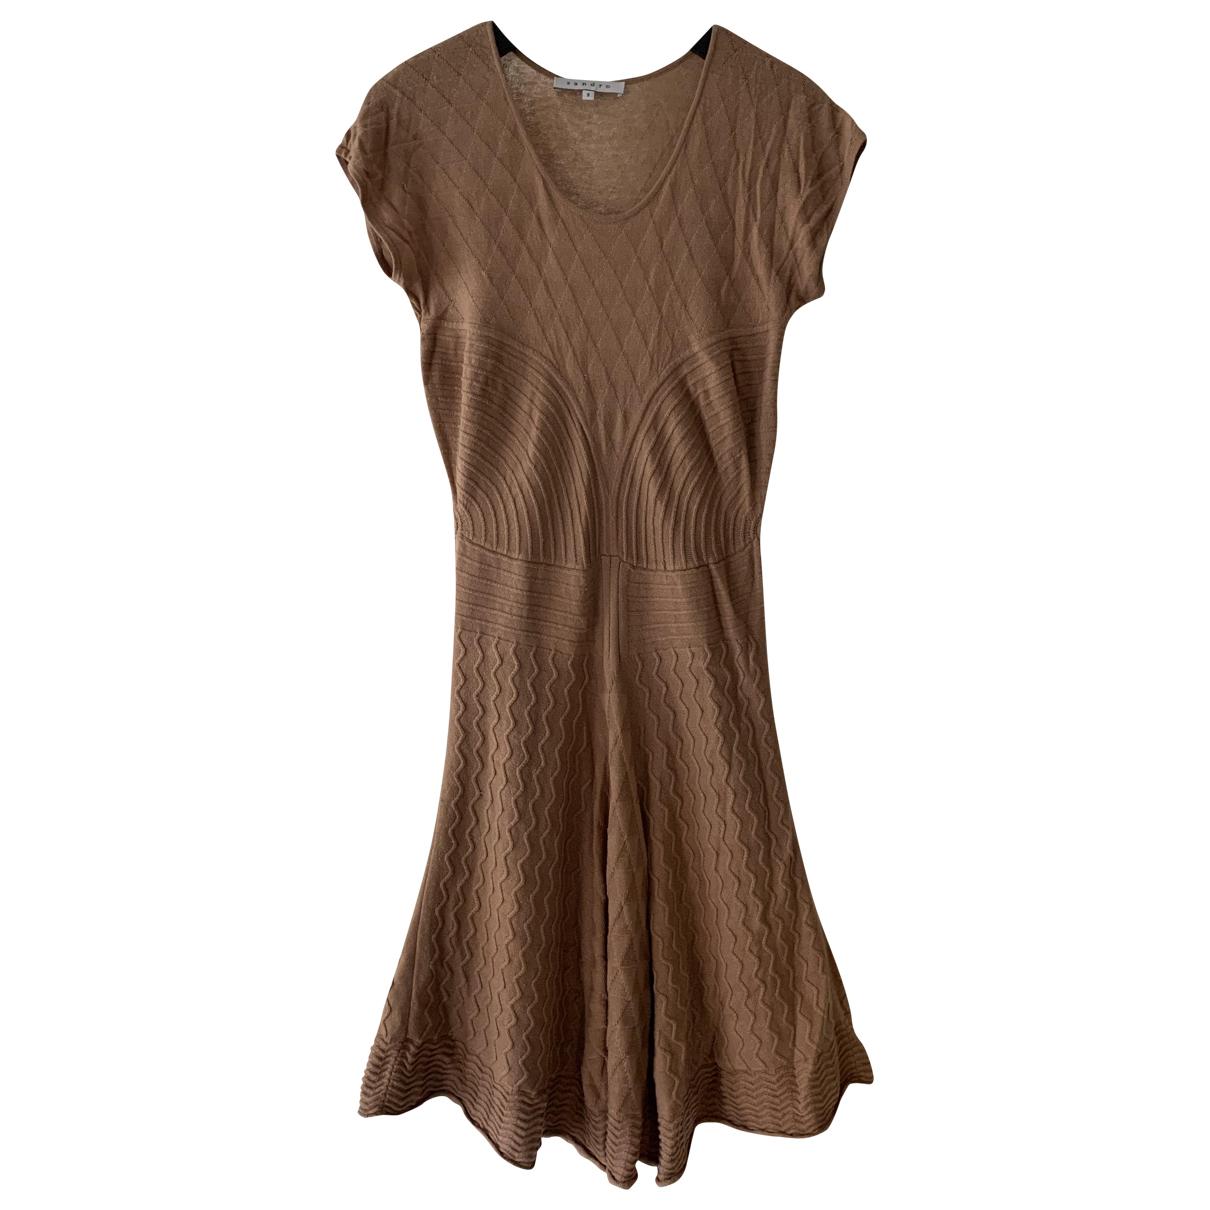 Sandro \N Kleid in  Kamel Wolle